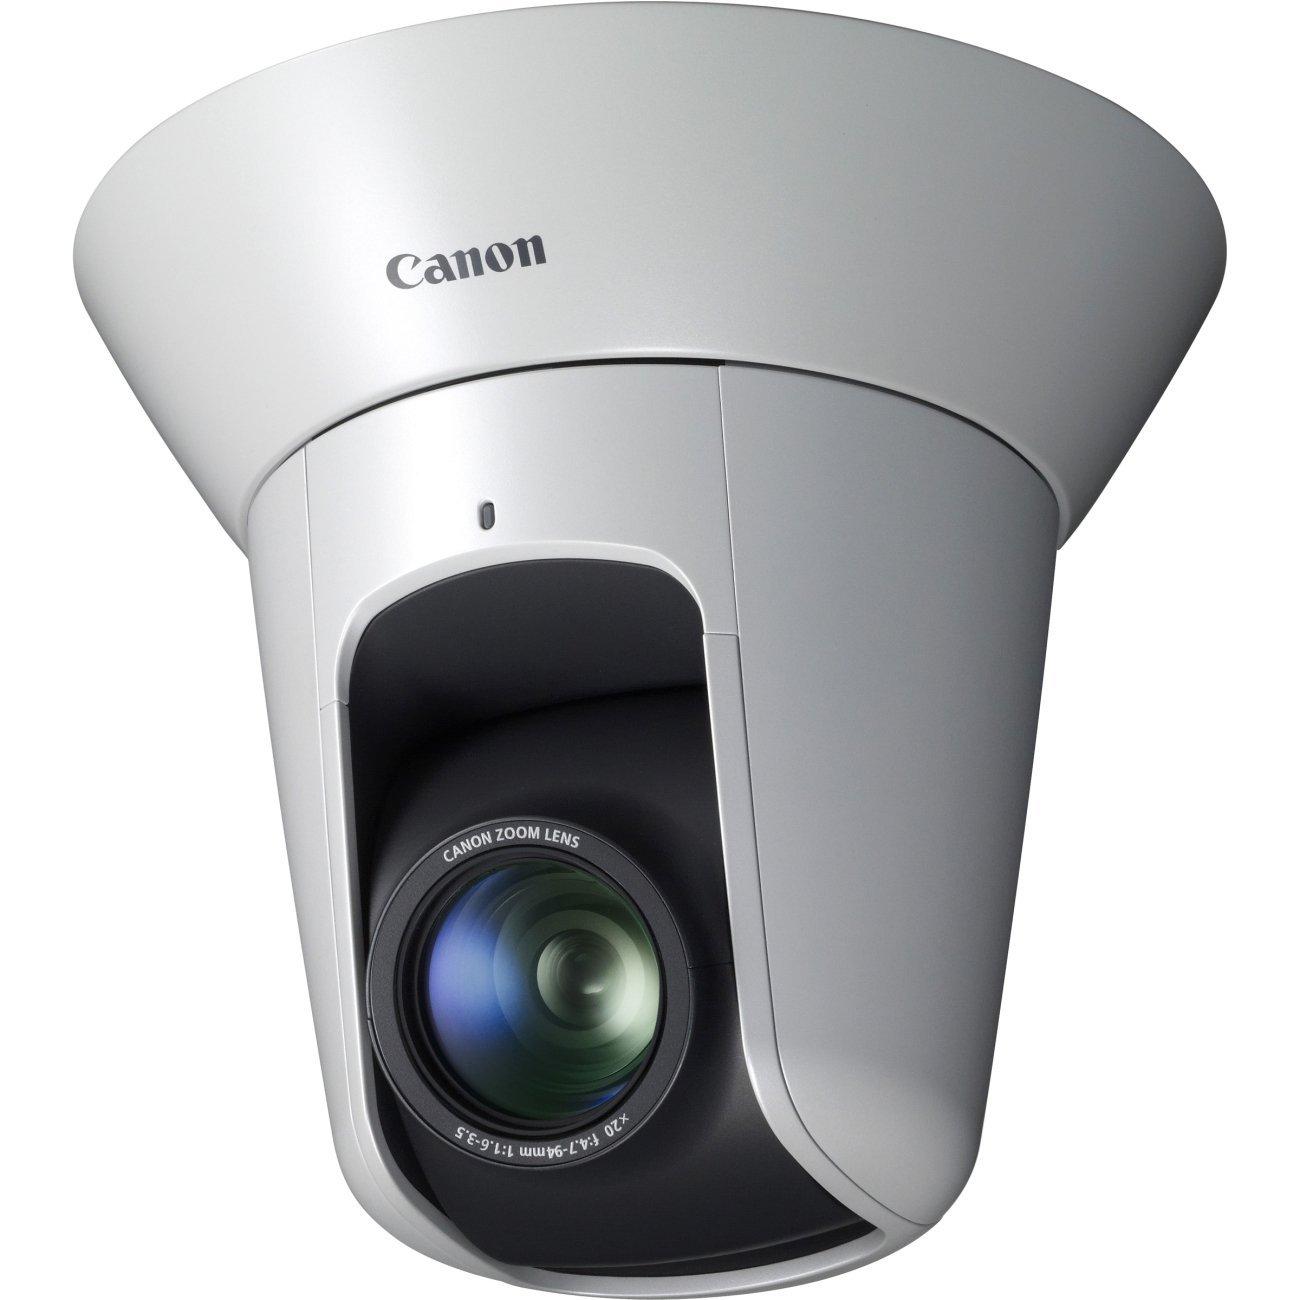 Canon 6812B002 VB-H41 Full HD PTZ IP camera